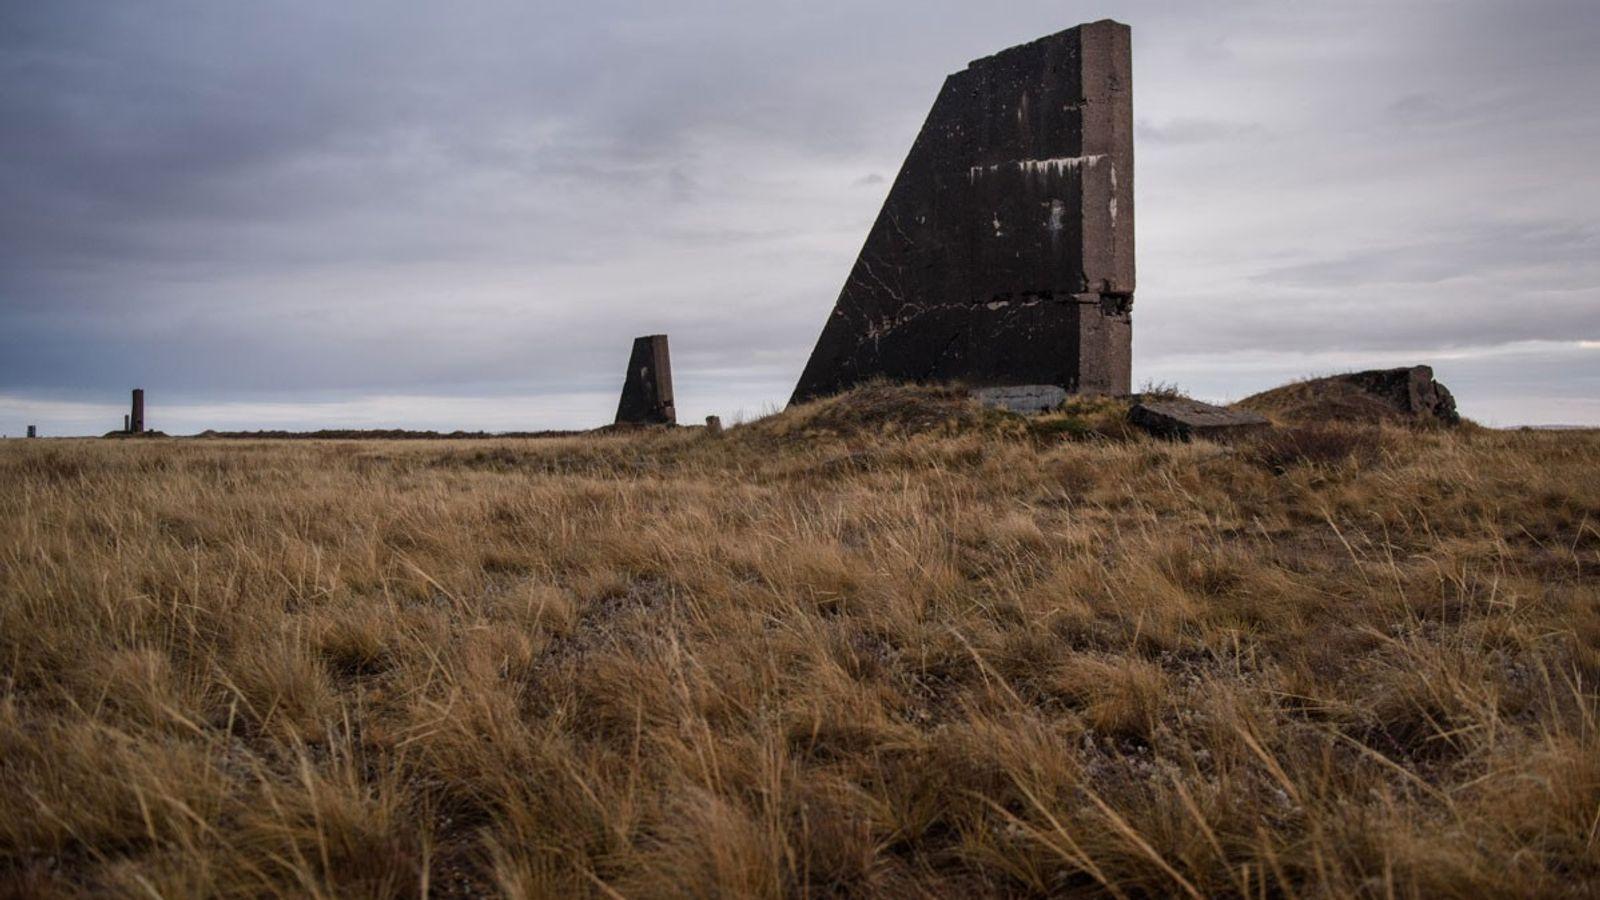 Estructuras de hormigón a unos 200 metros de distancia del lugar del primer ensayo nuclear soviético ...